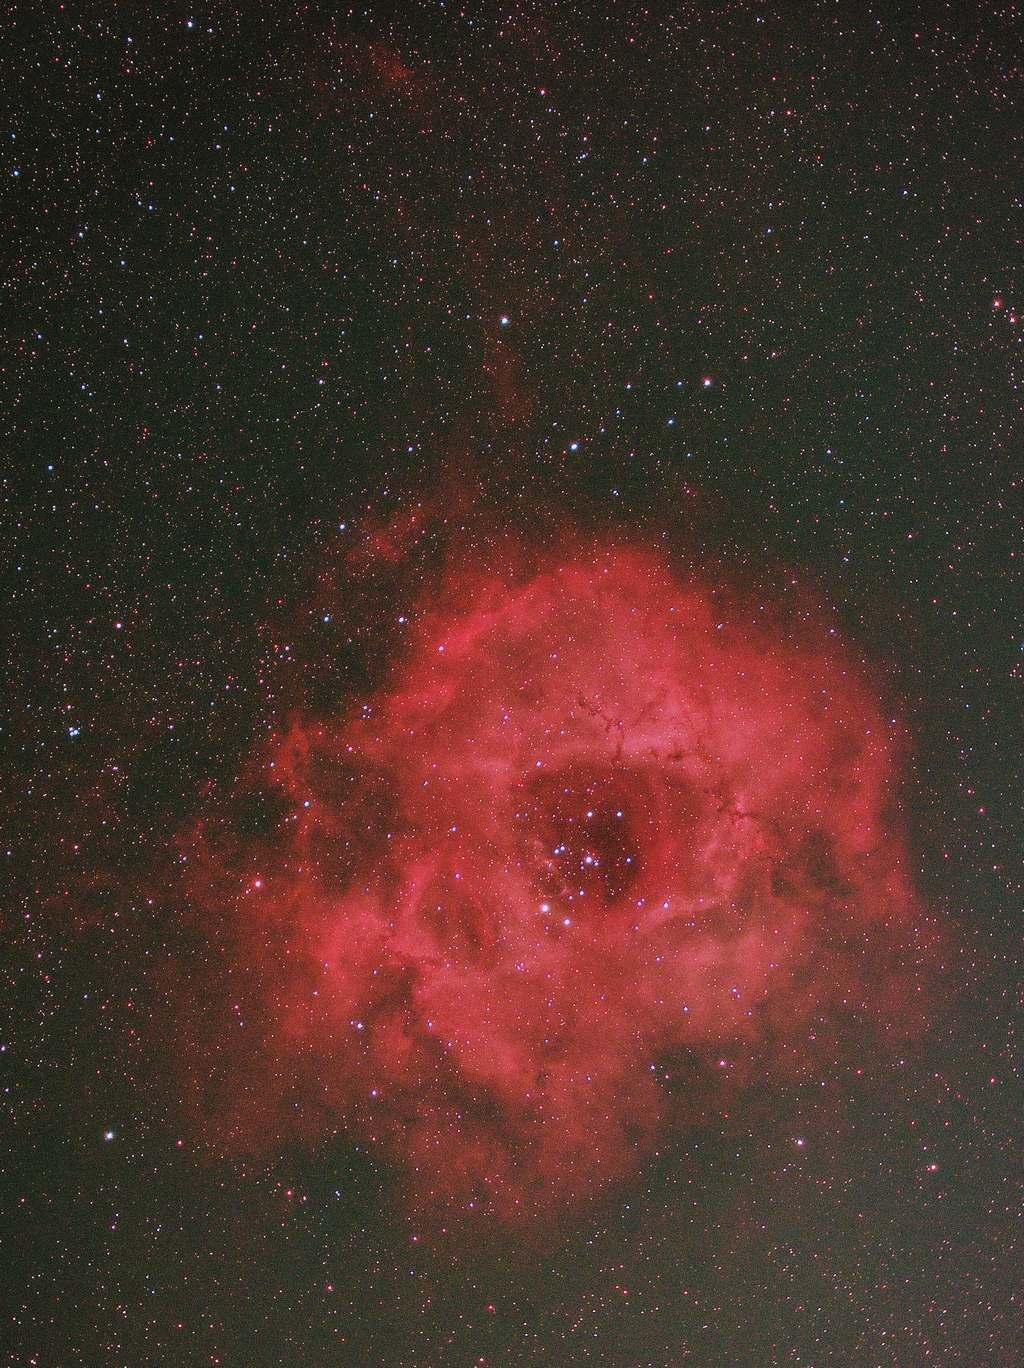 公園撮りバラ星雲2020年2月トリミング